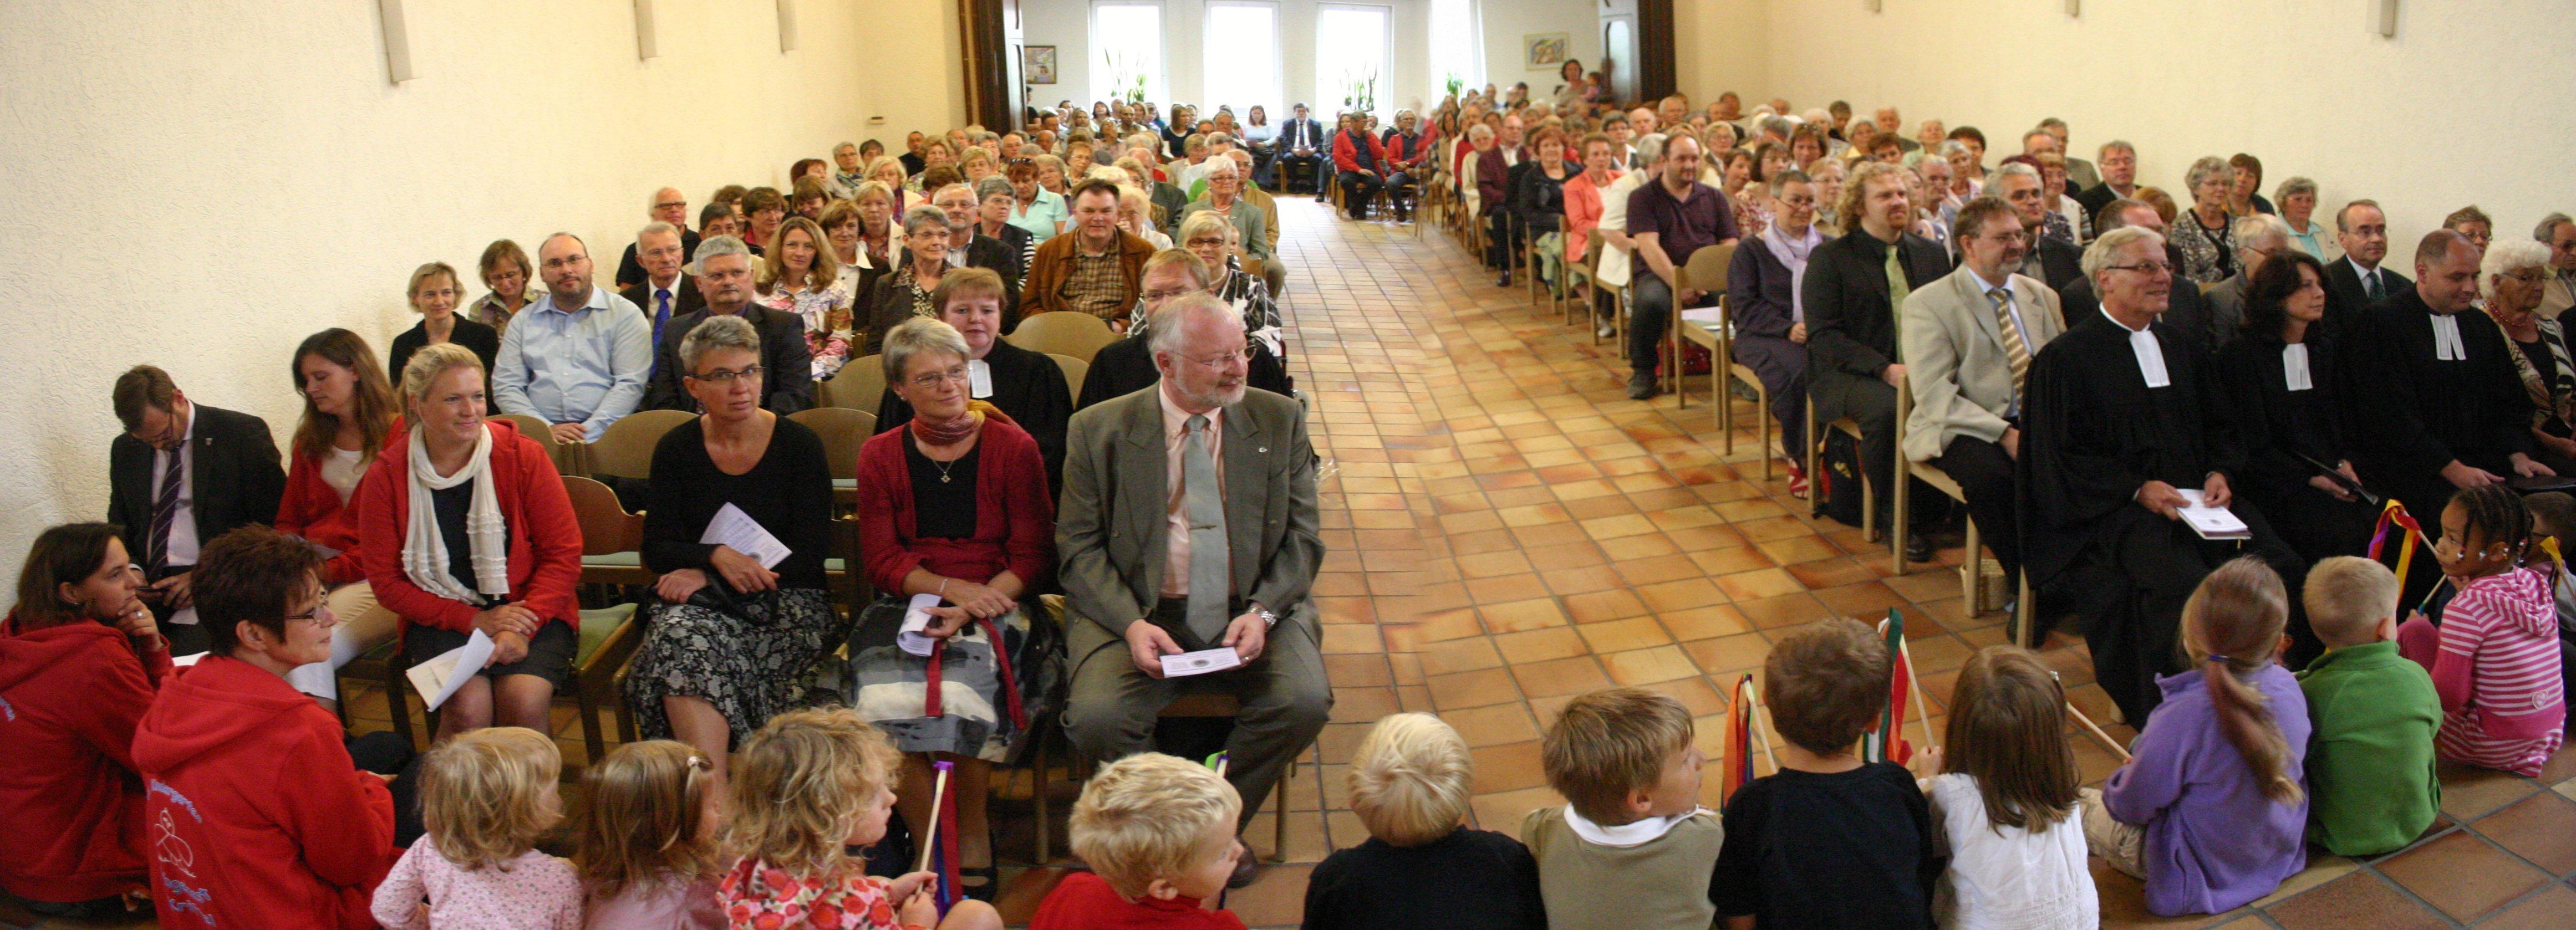 Ein vollbesetzter Kircheninnenraum bei einem Gottesdienst, auf den vorderen Stufen sitzen Kinder